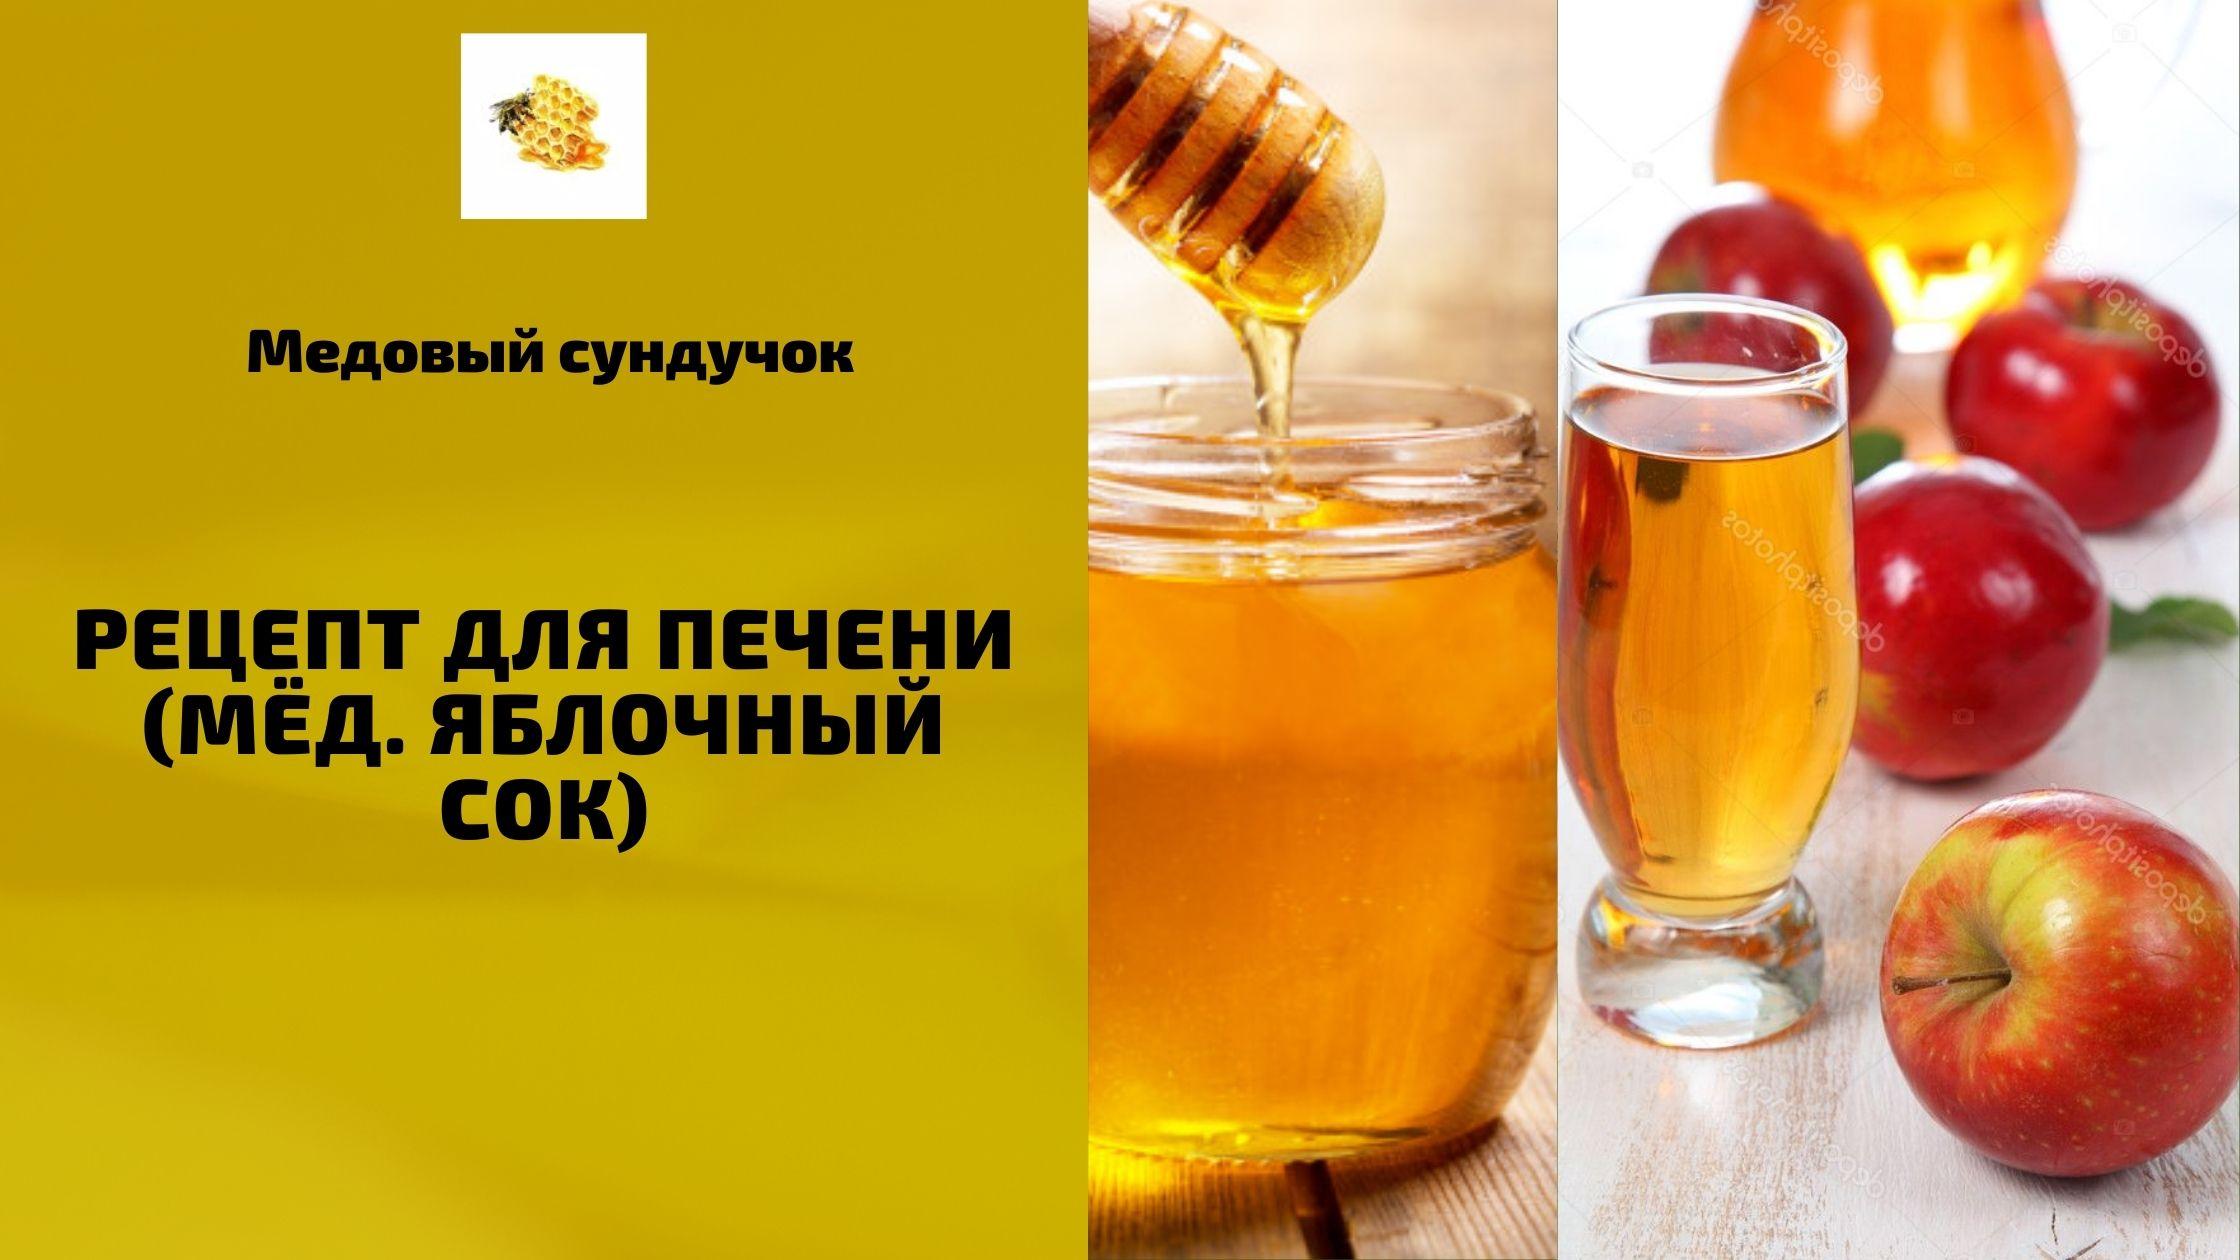 Рецепт для печени (Мёд. Яблочный сок)